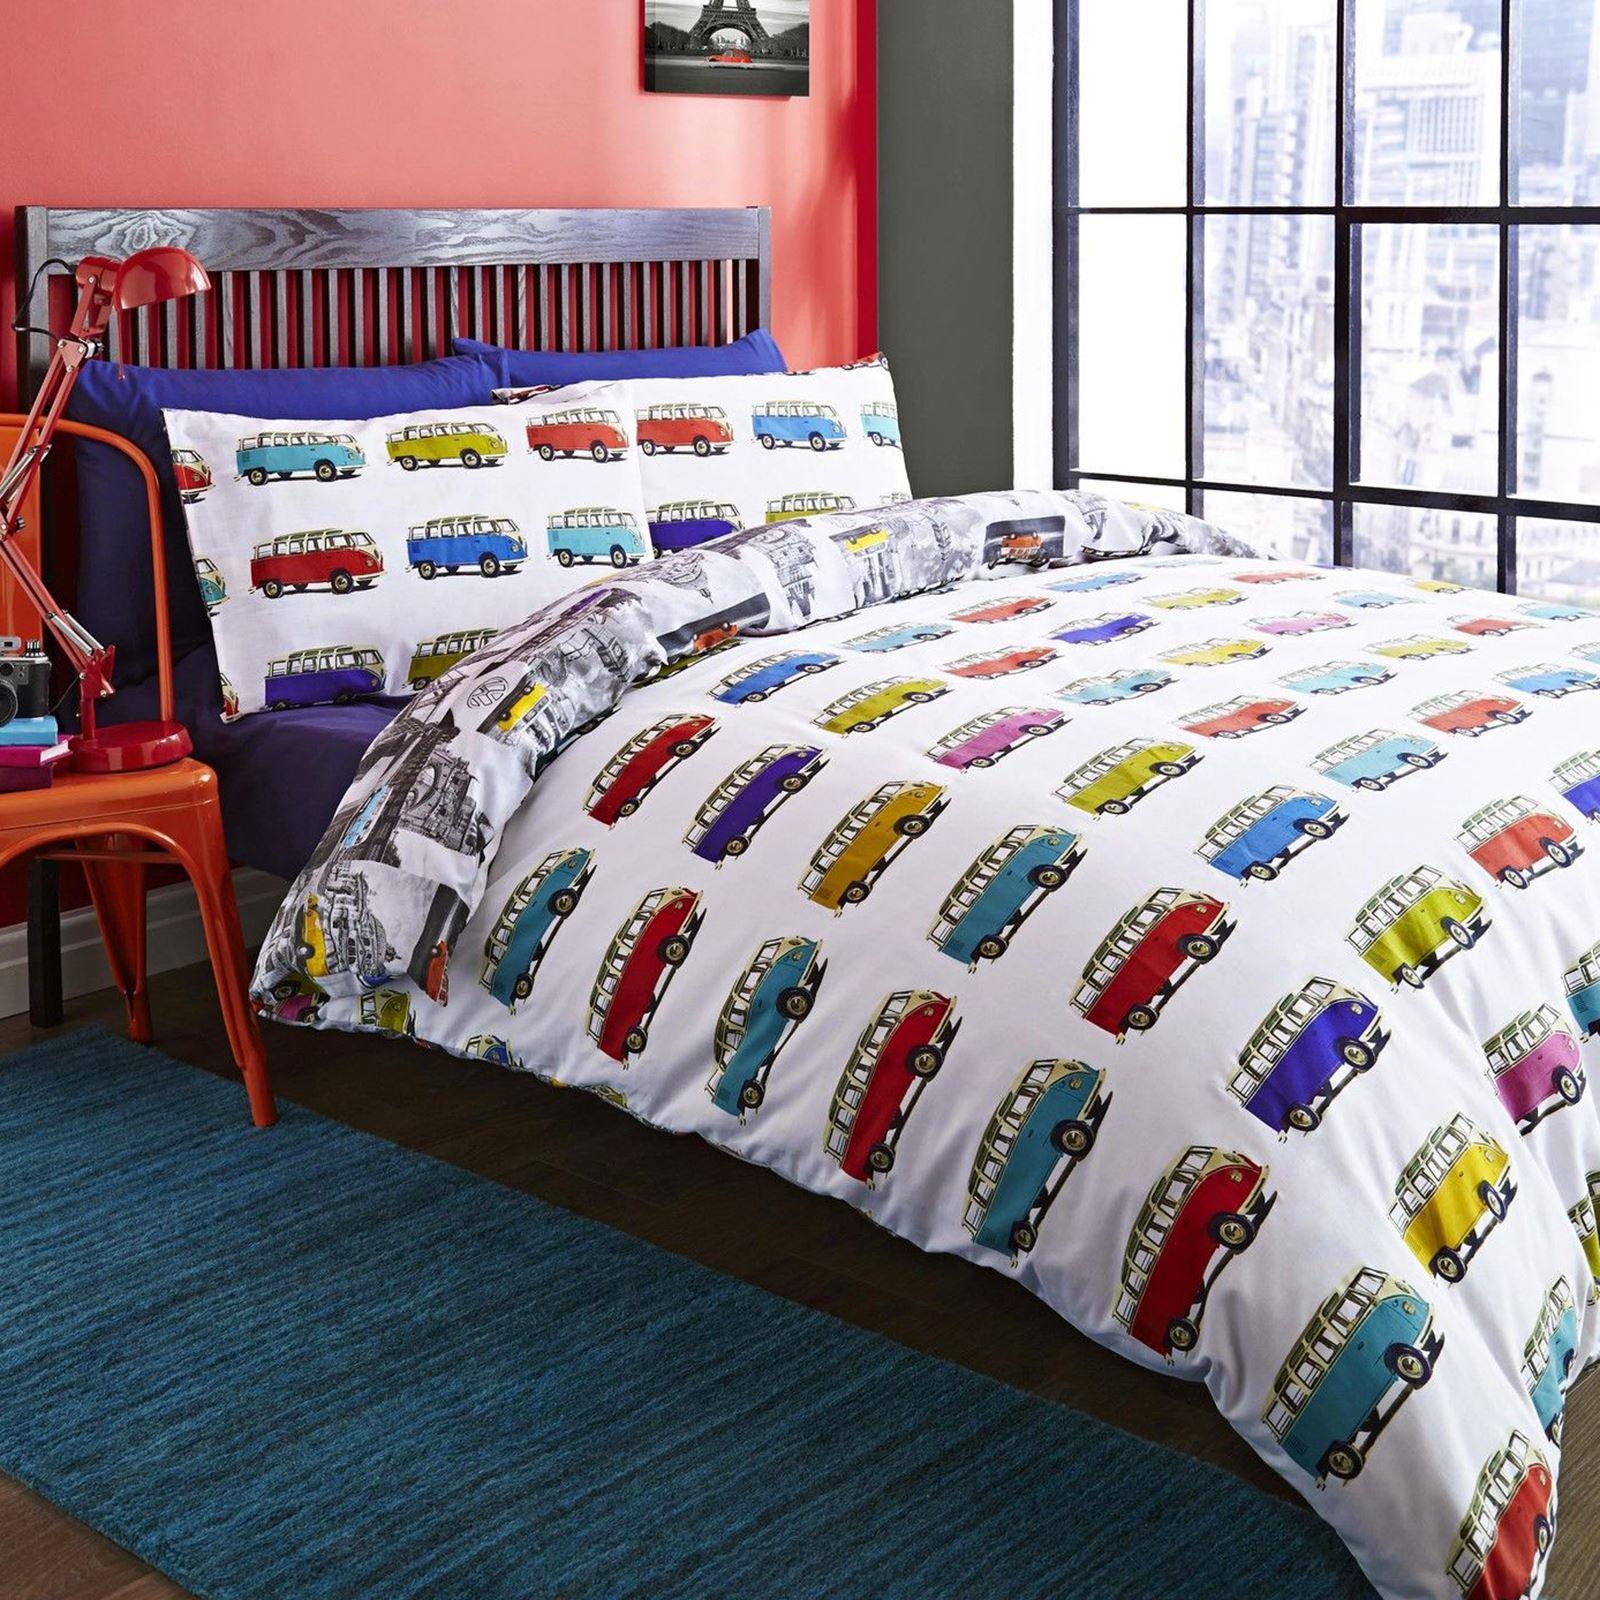 Indexbild 166 - Teenager Bettwäsche Sets - Einzel / Doppelbett Bettwäsche Jungen Musik Graffiti